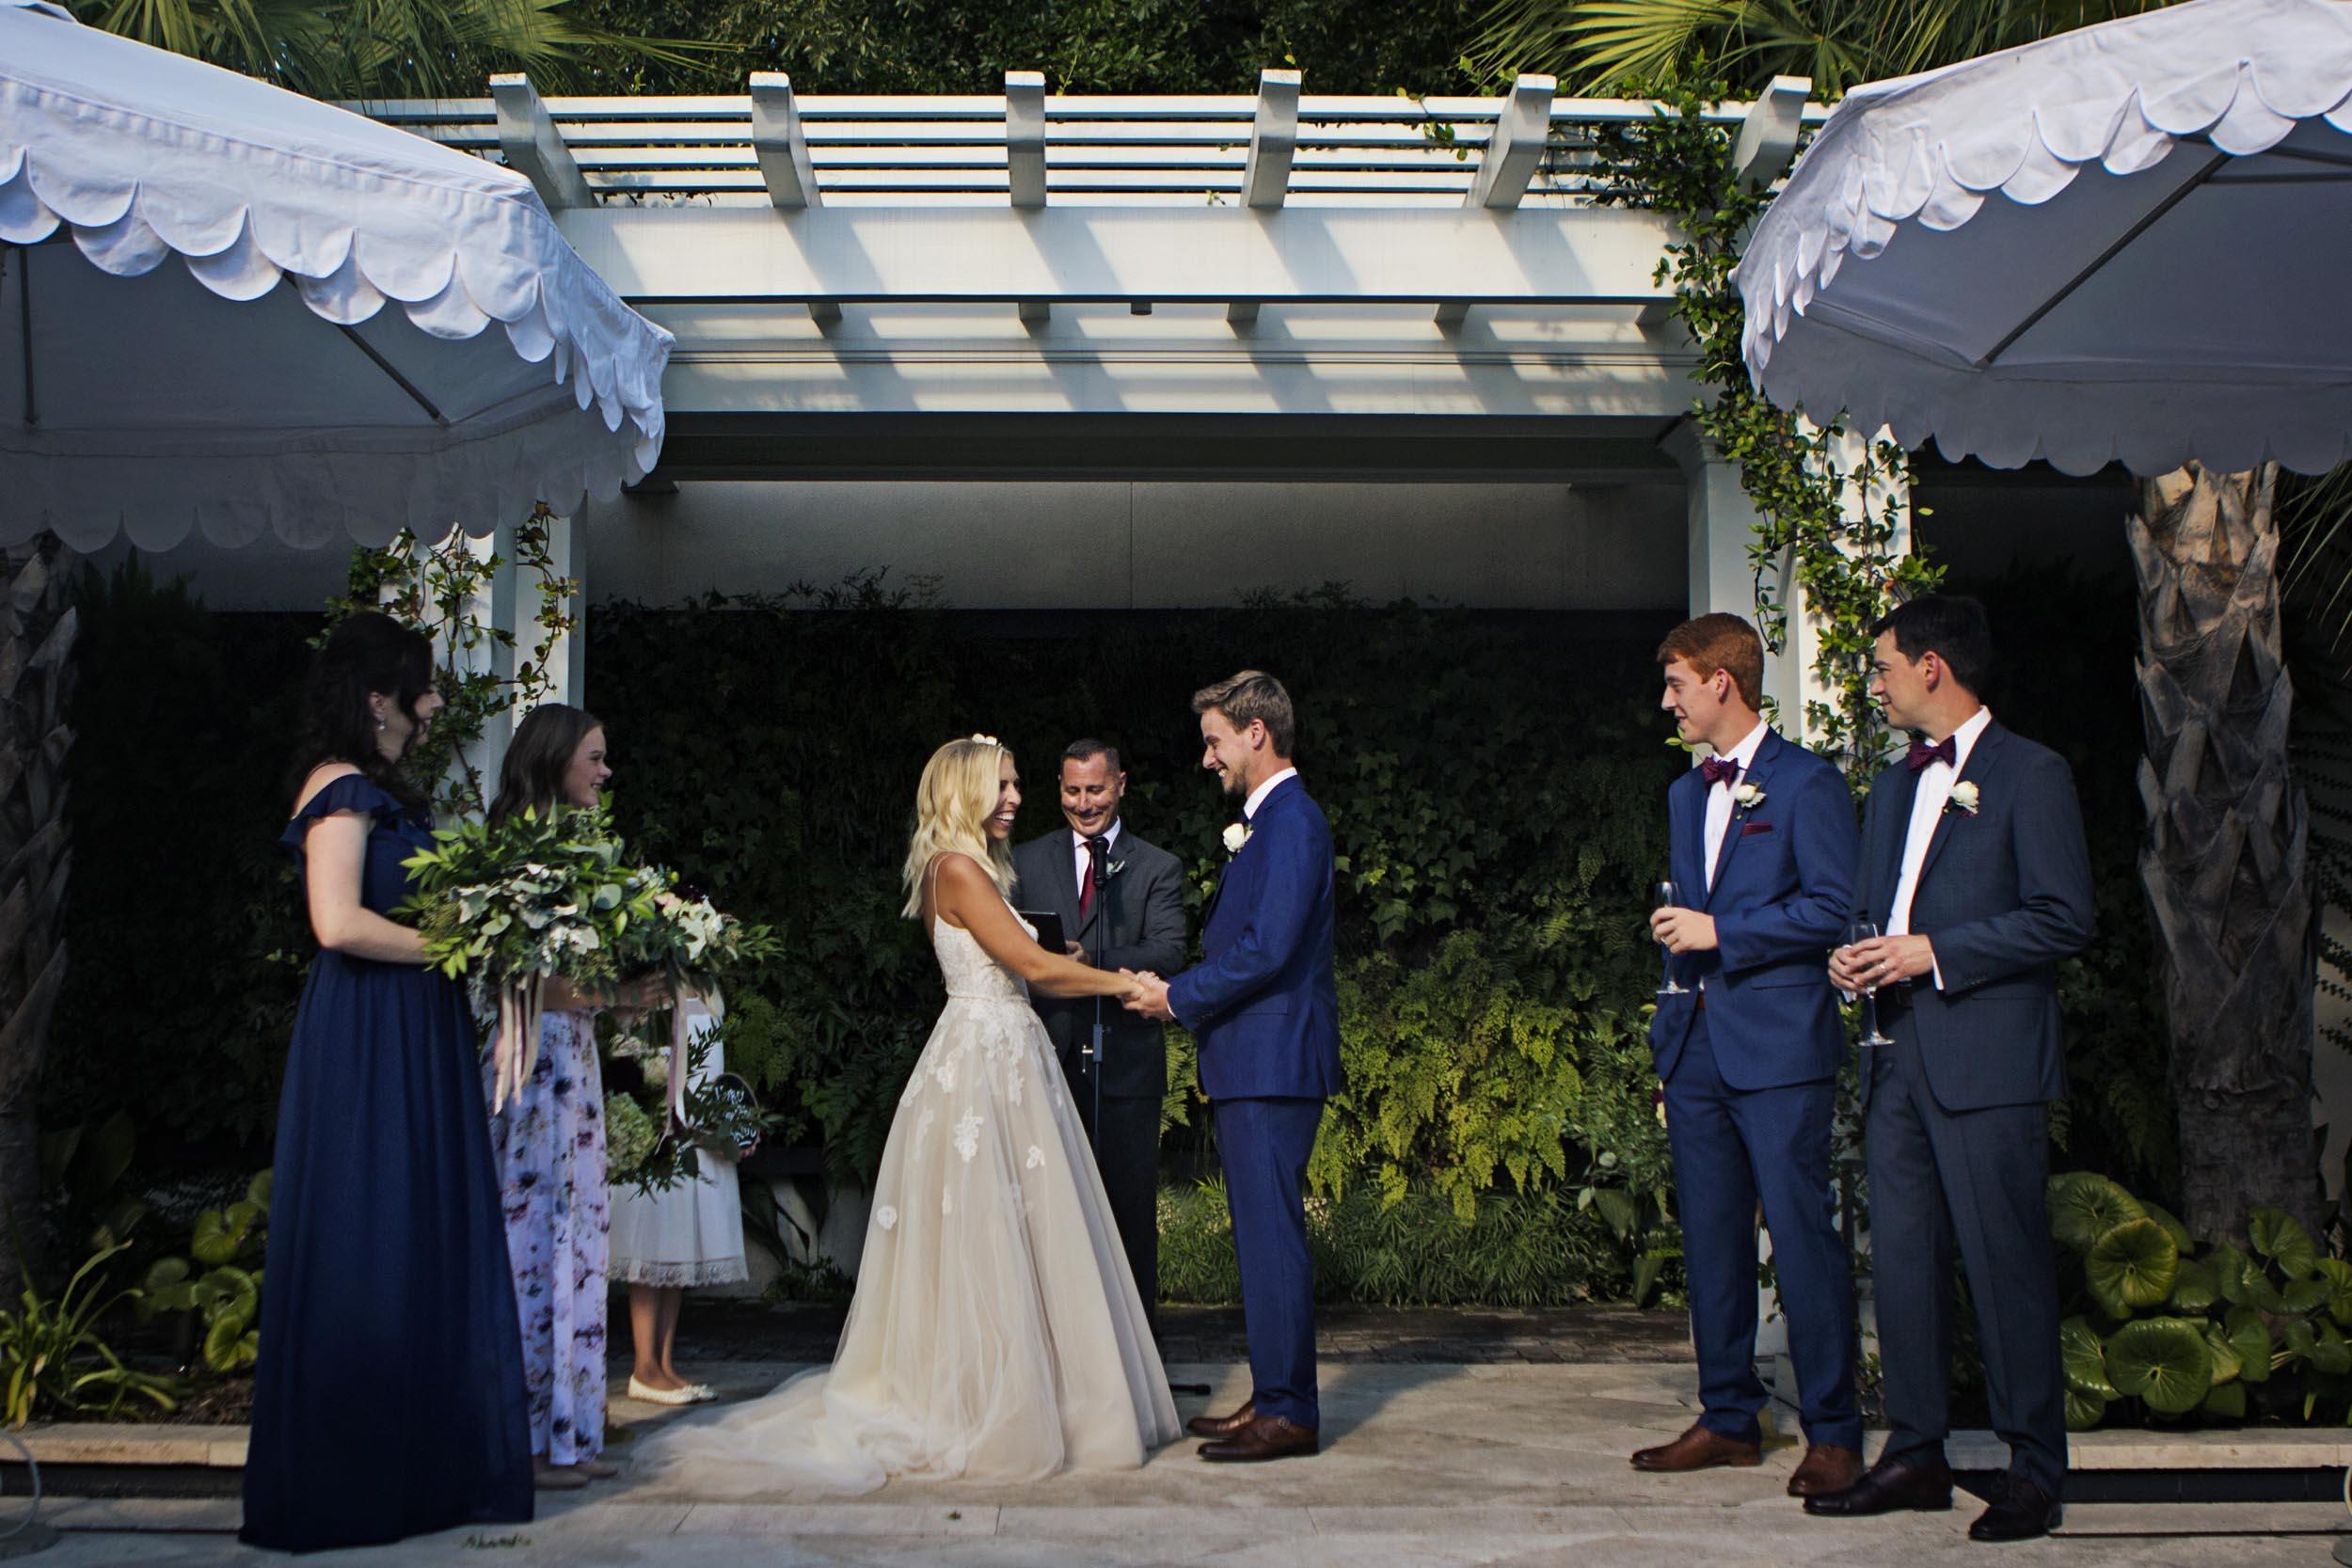 weddings-charleston15.jpg